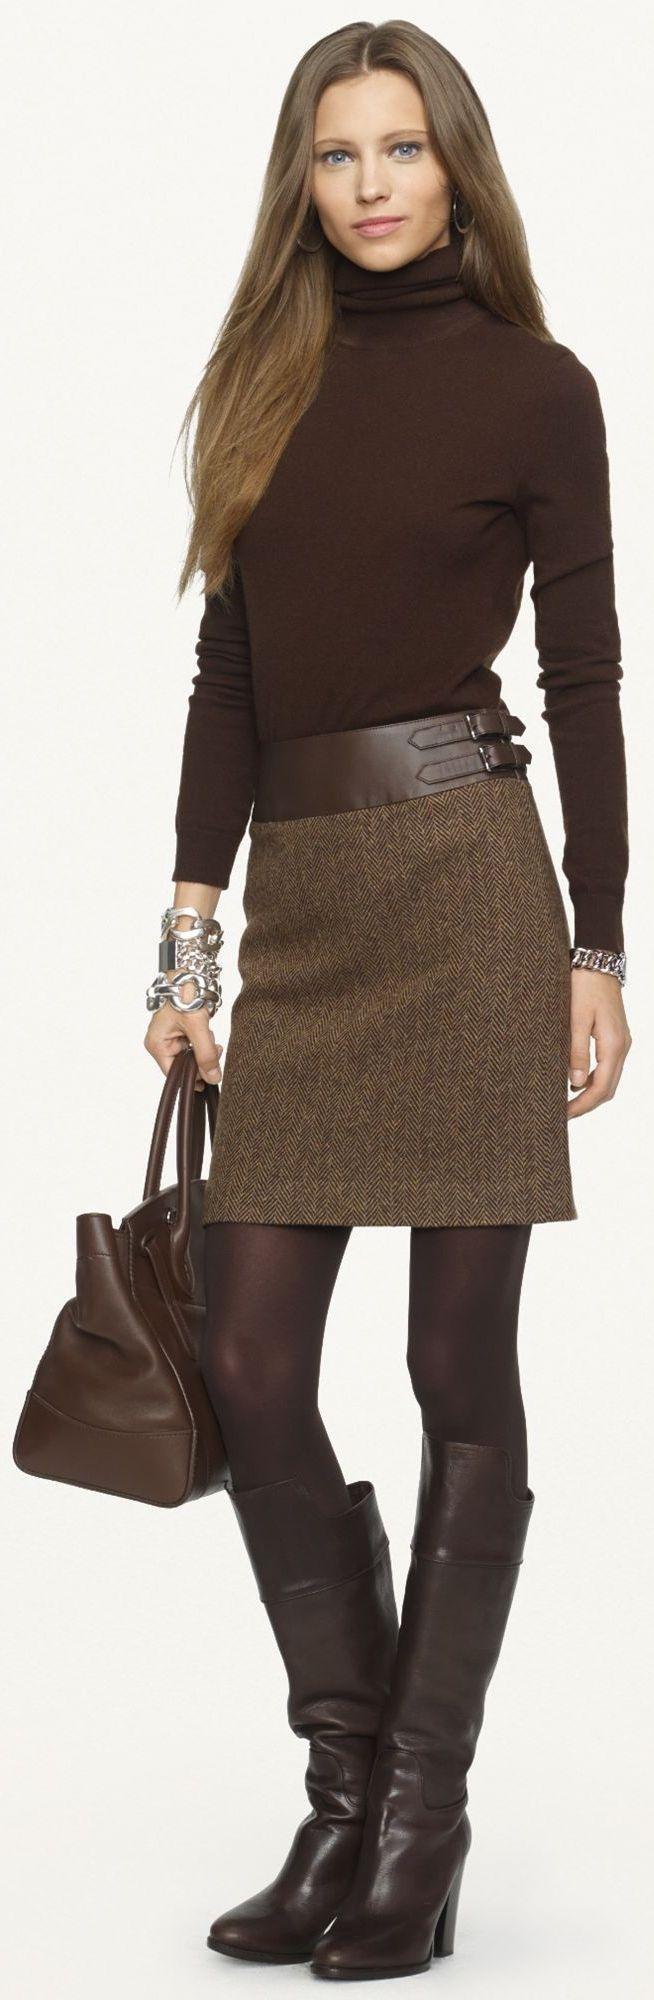 ralph lauren black label leather trimmed kieron skirt. Black Bedroom Furniture Sets. Home Design Ideas